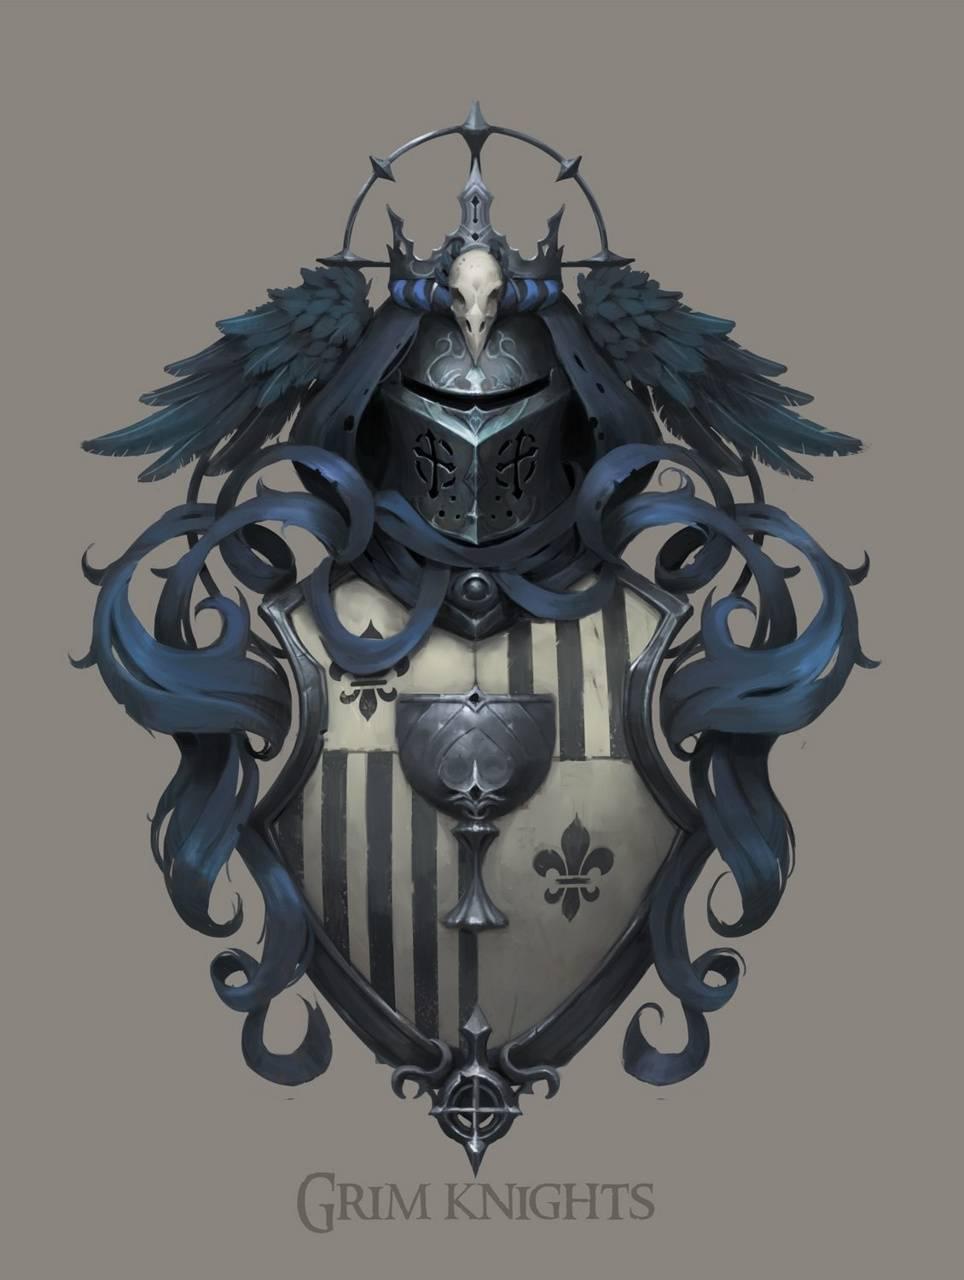 Grim Knights